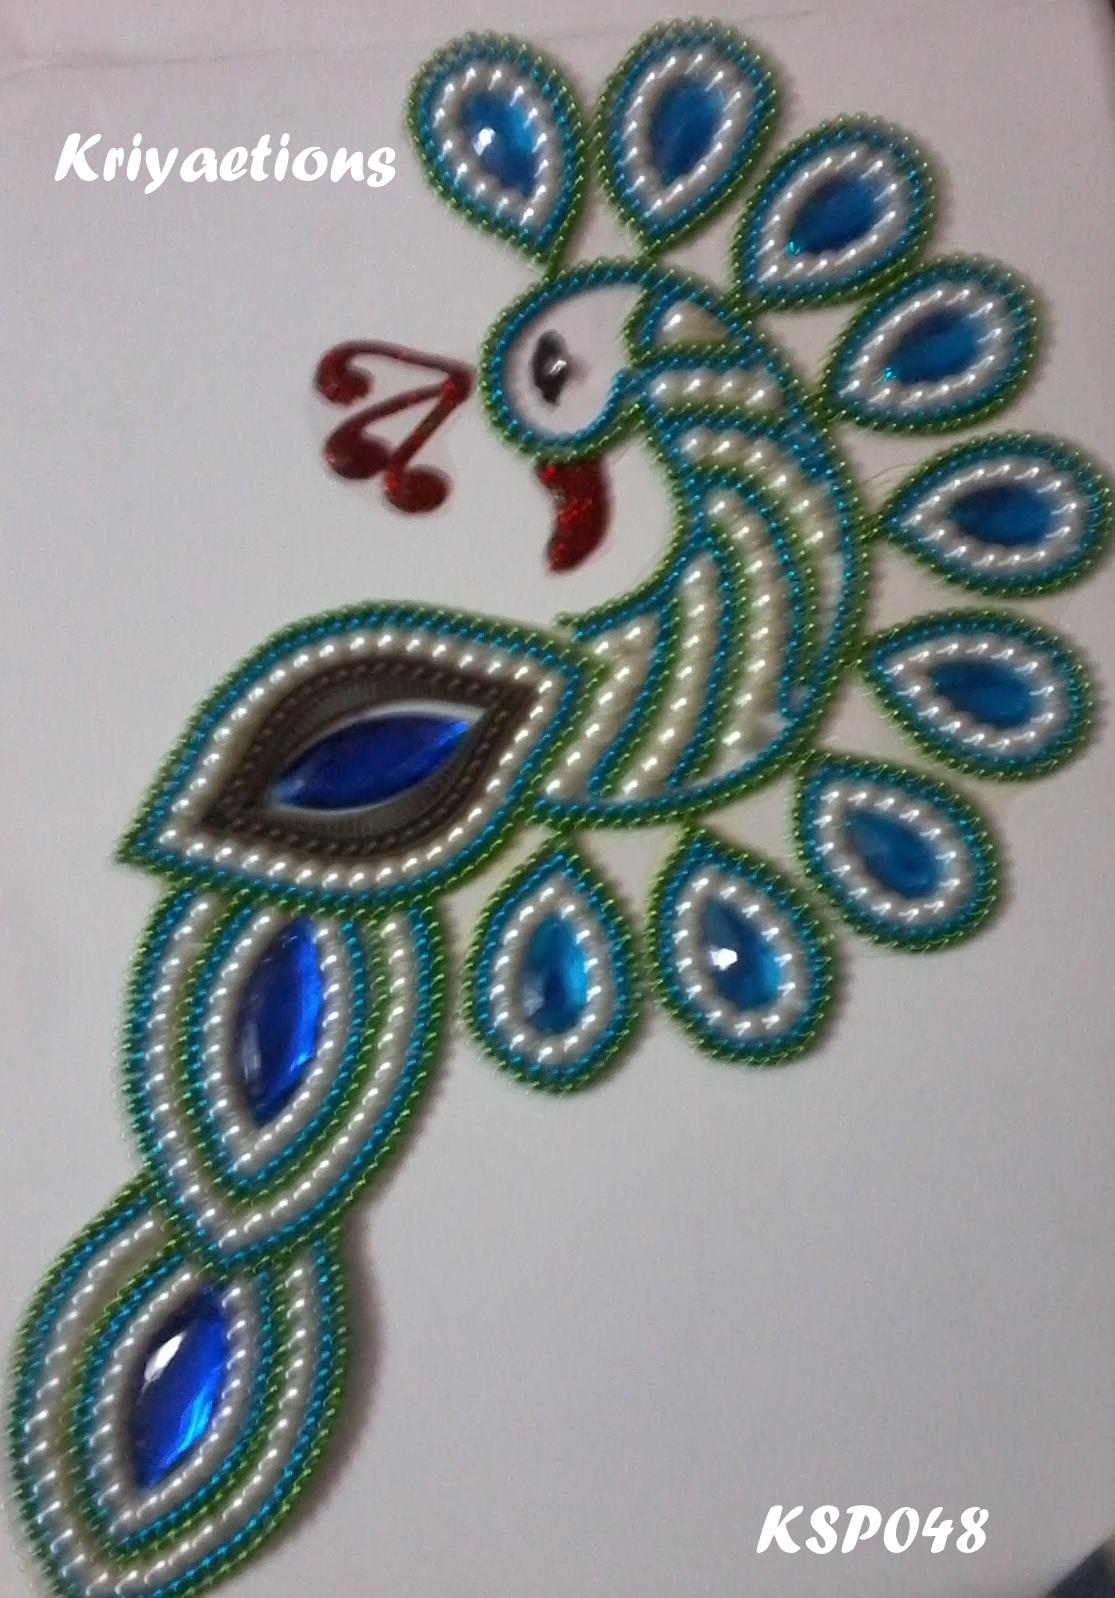 Kriyaetions Peacocks